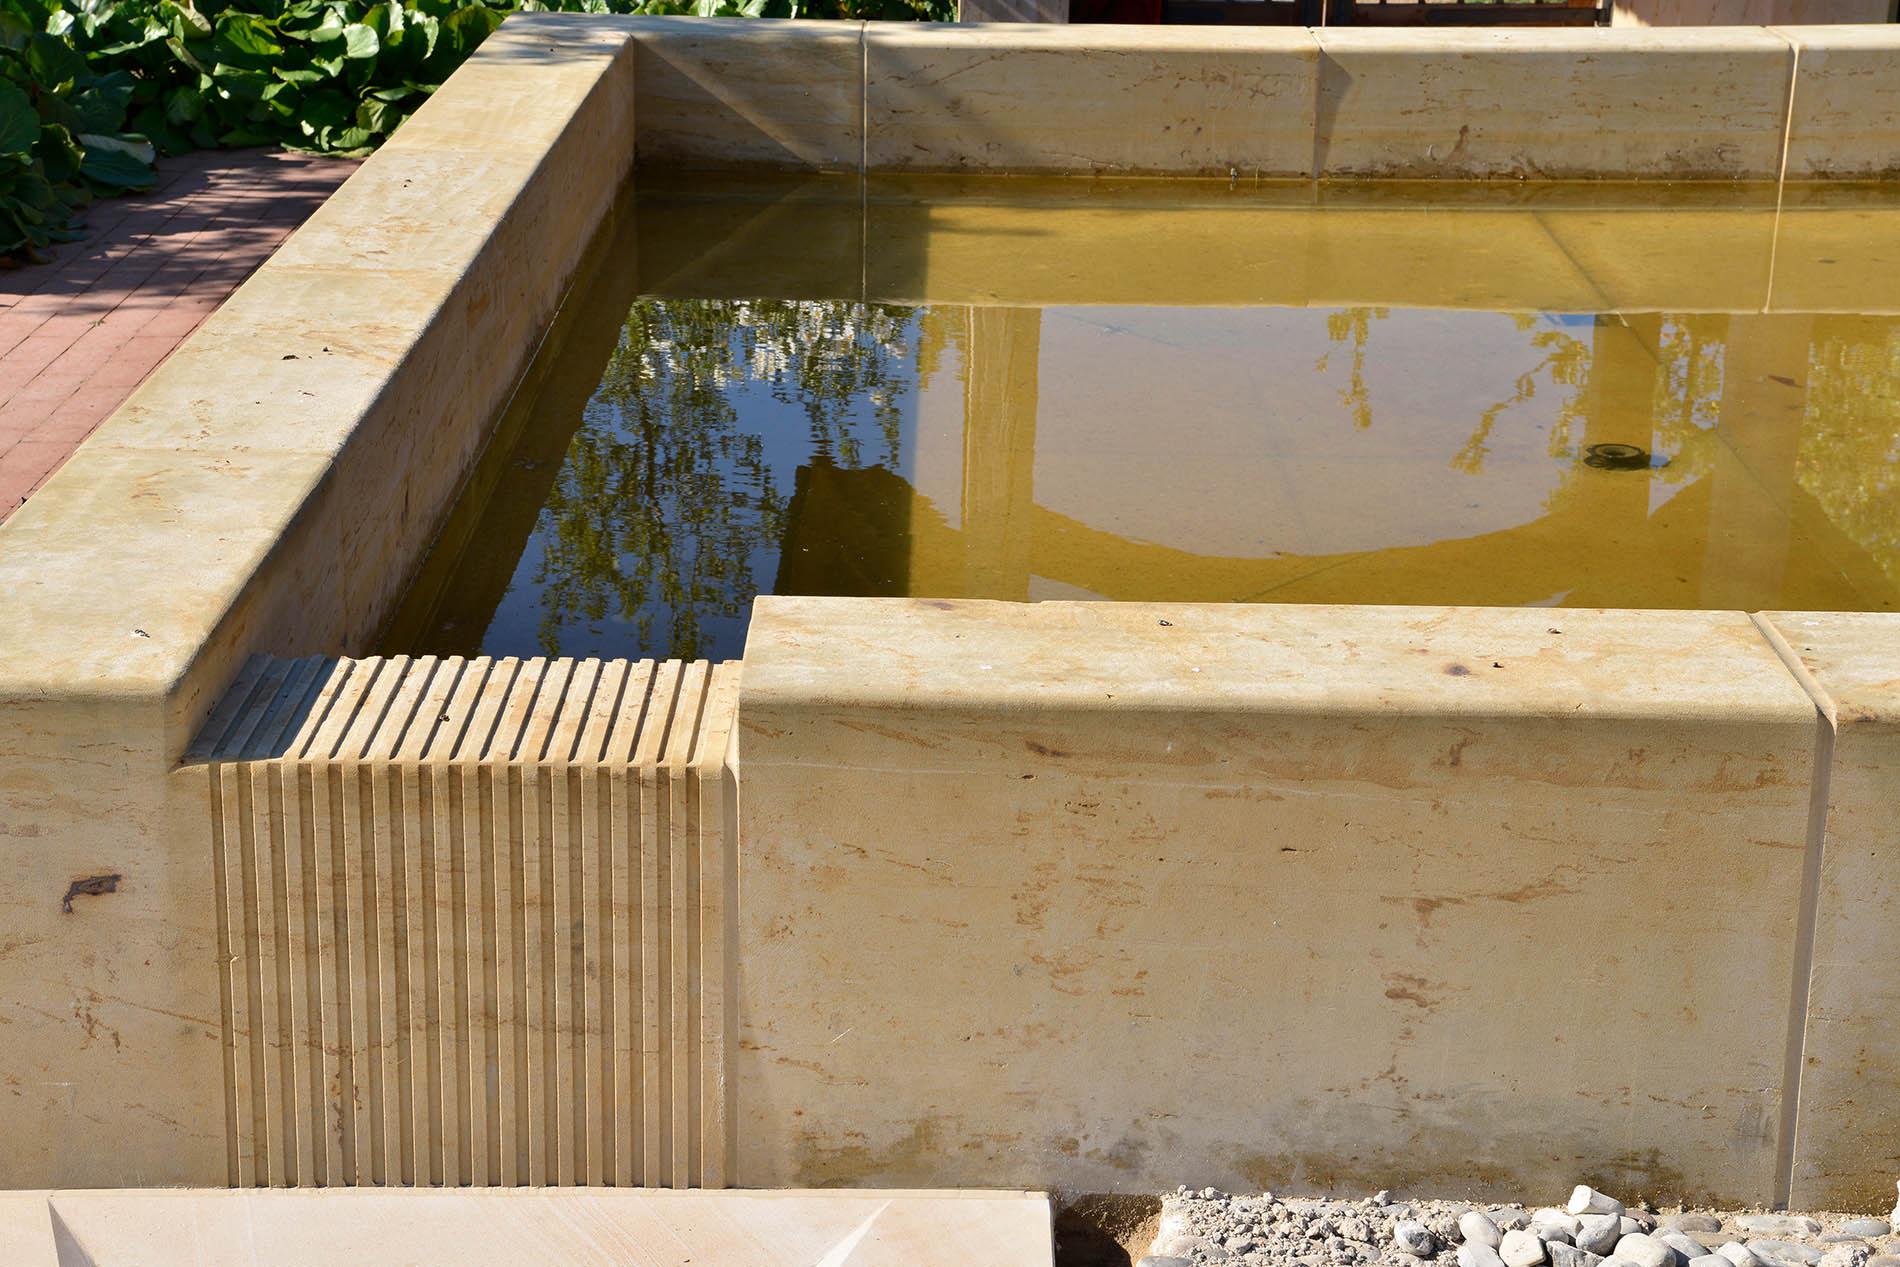 Gärten der Welt Englischer Garten IGA Berlin Einfassungen Becken Brunnen Seeberger Sandstein